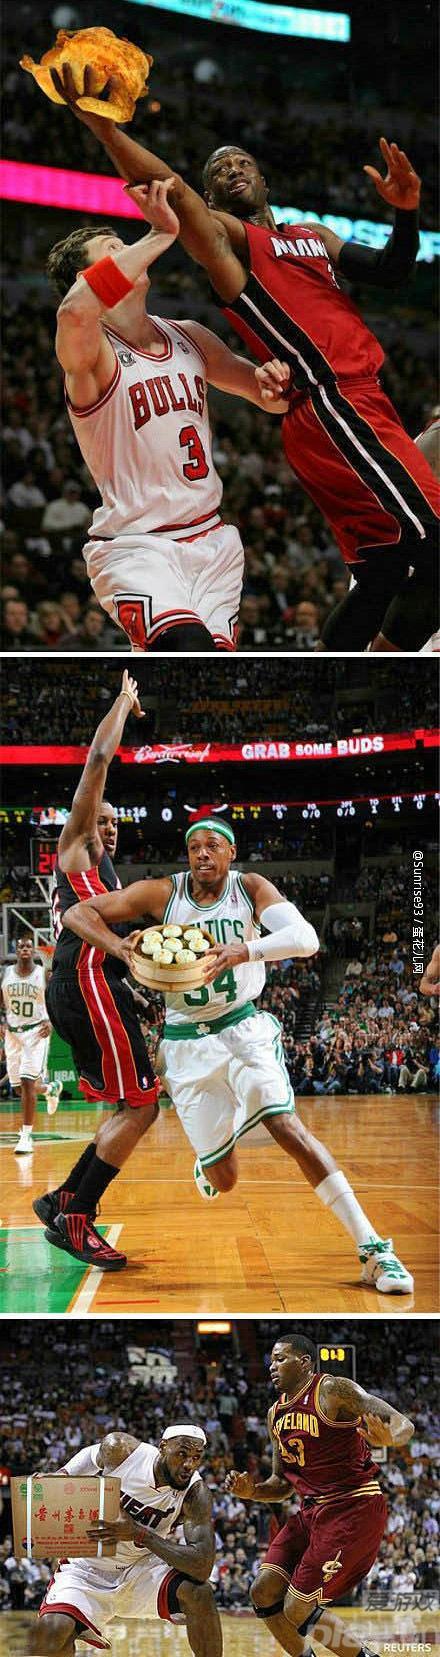 拂去长袖!教练,我又想打篮球了!